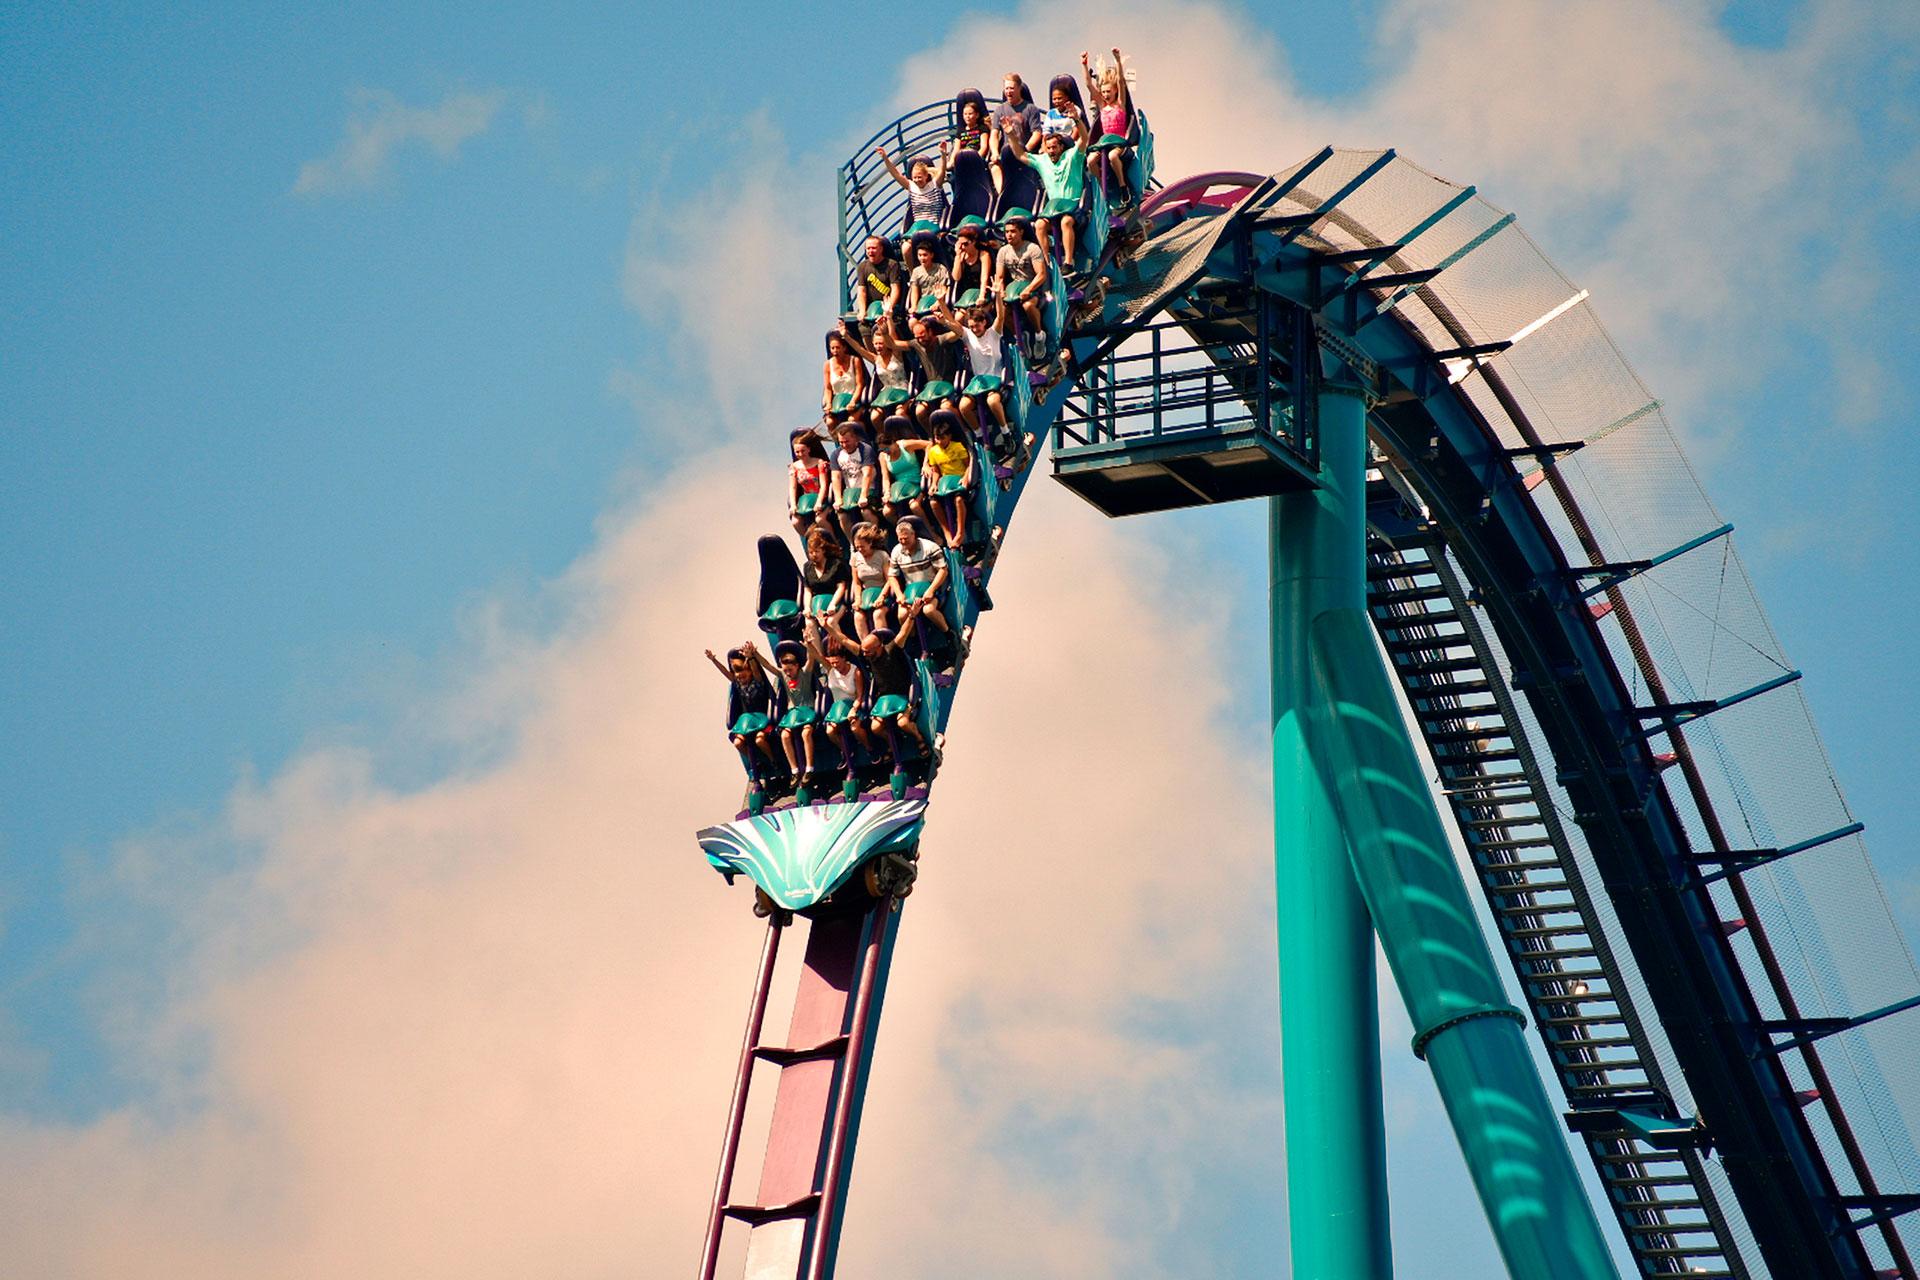 Disney World es uno de los sitios turísticos más populares en los Estados Unidos con más de 17 millones de visitantes al año